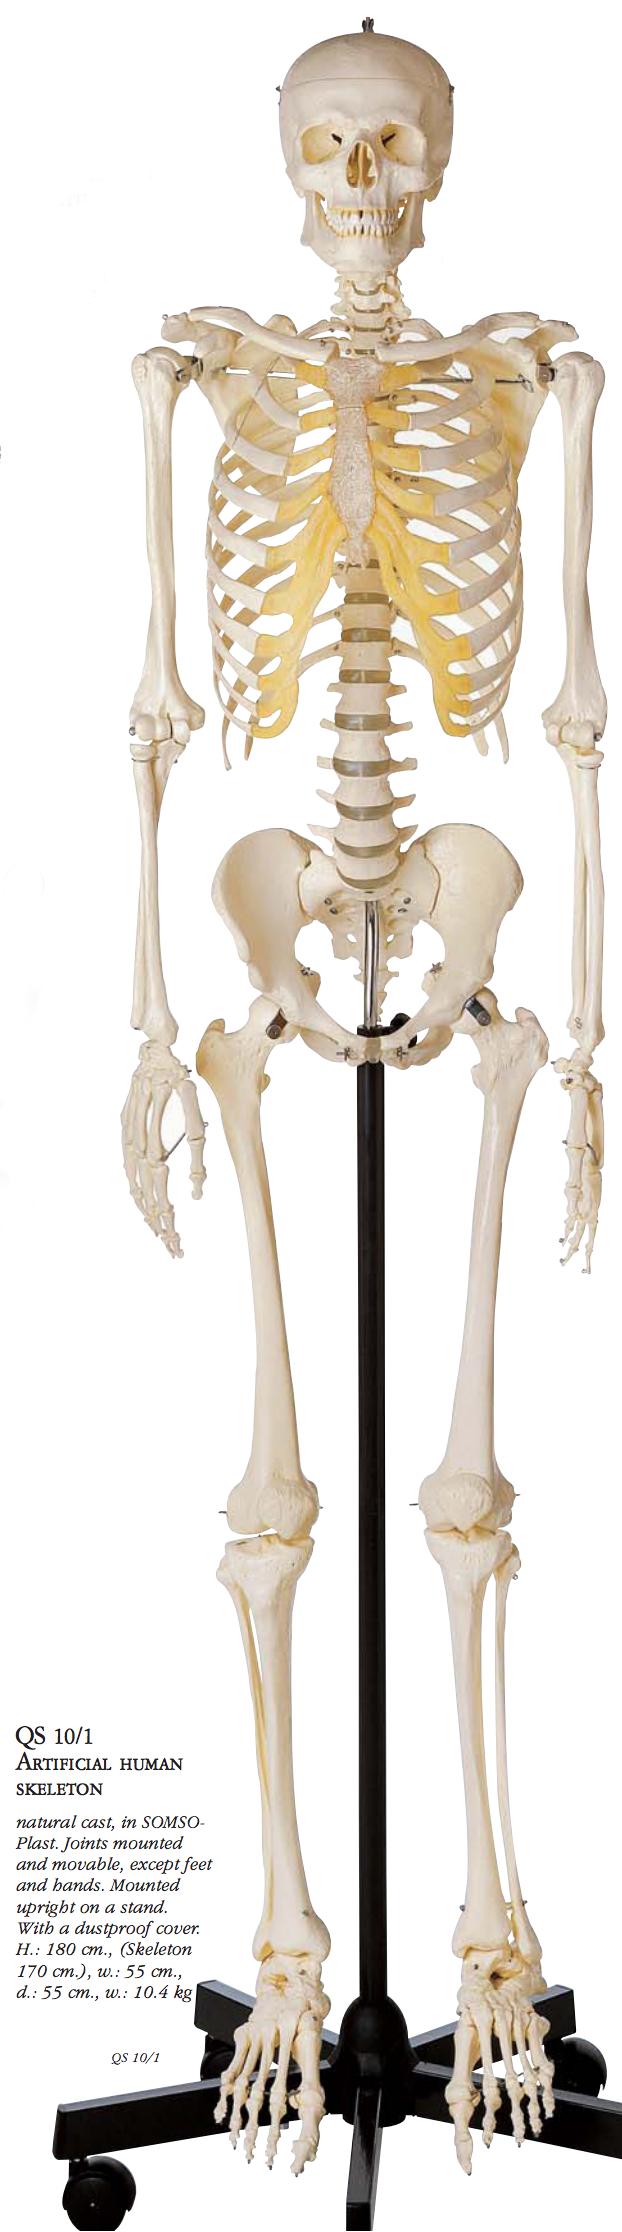 Skeletmodellen med mest naturtro knogler og højeste materialekvalitet